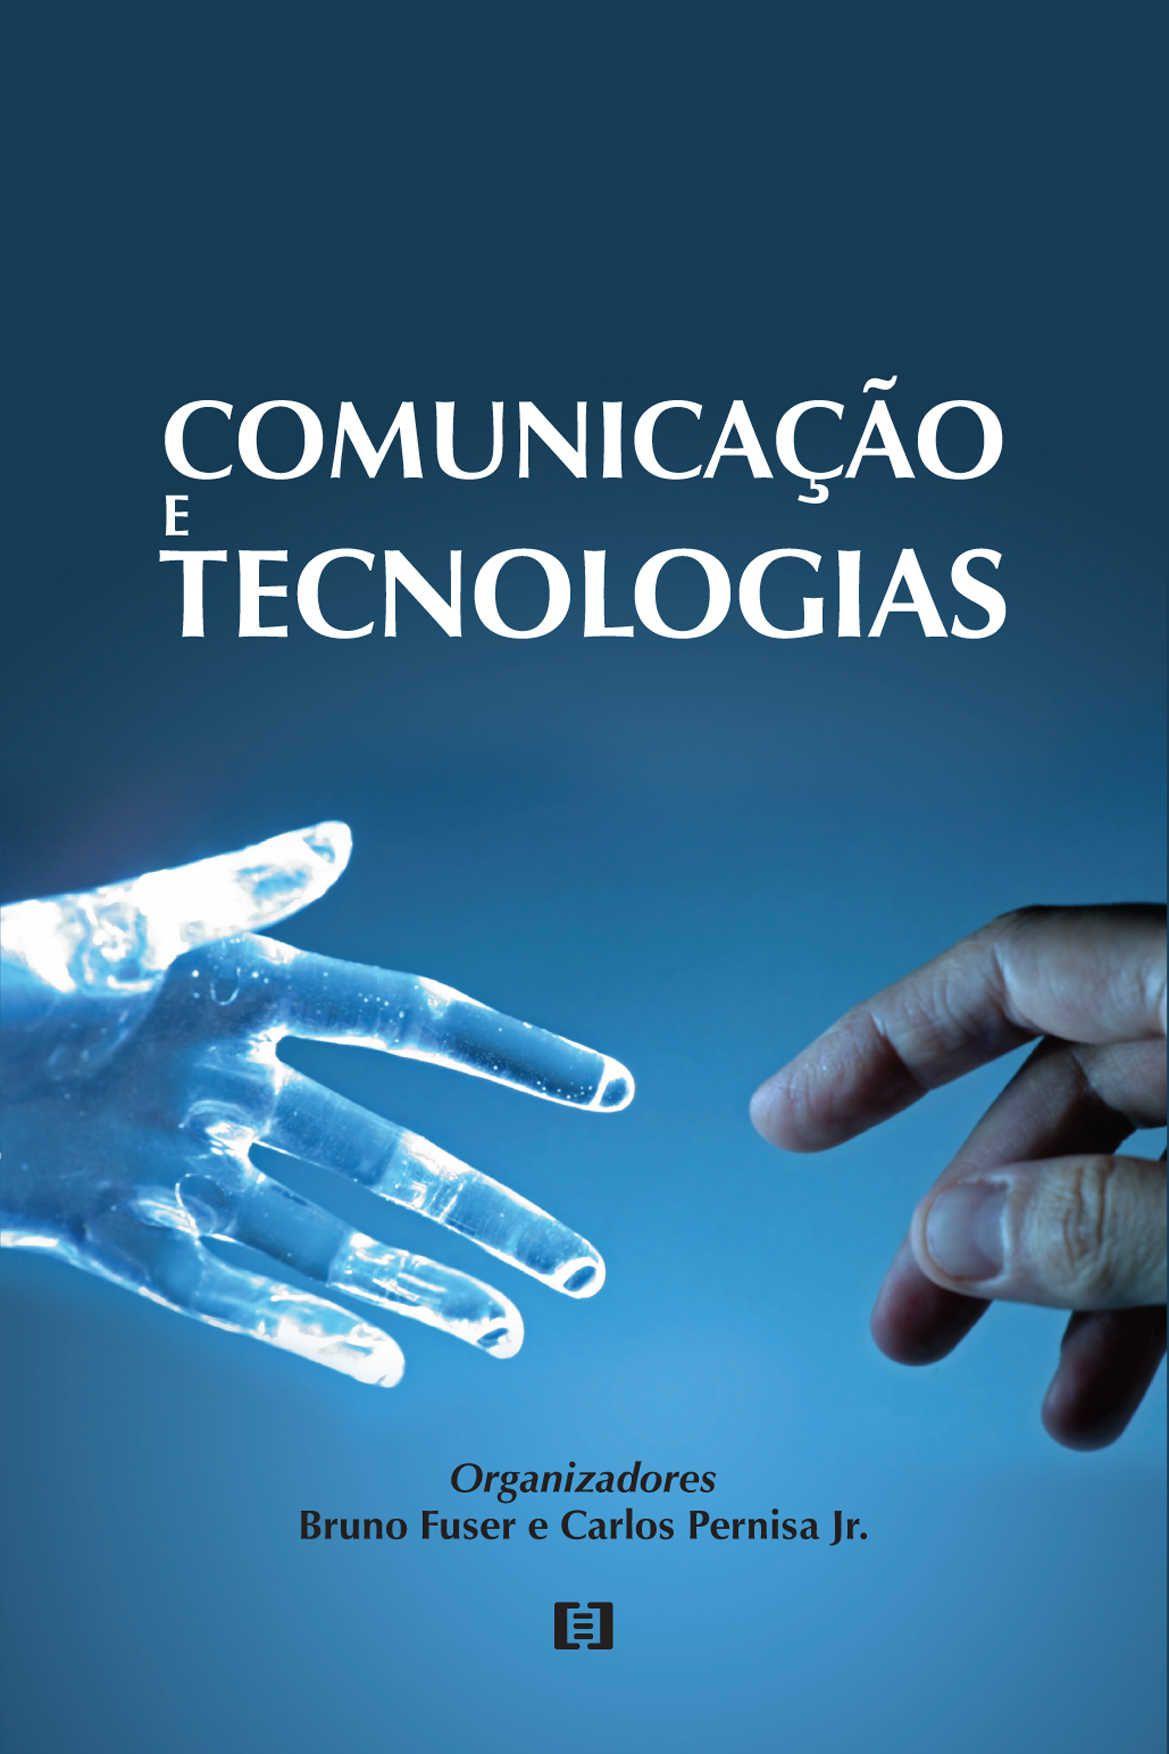 Comunicação e tecnologias